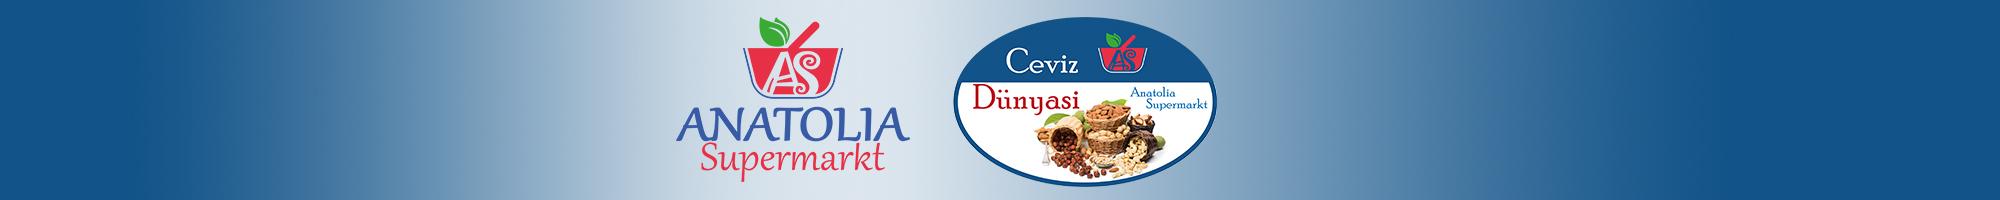 Anatolia Supermarkt